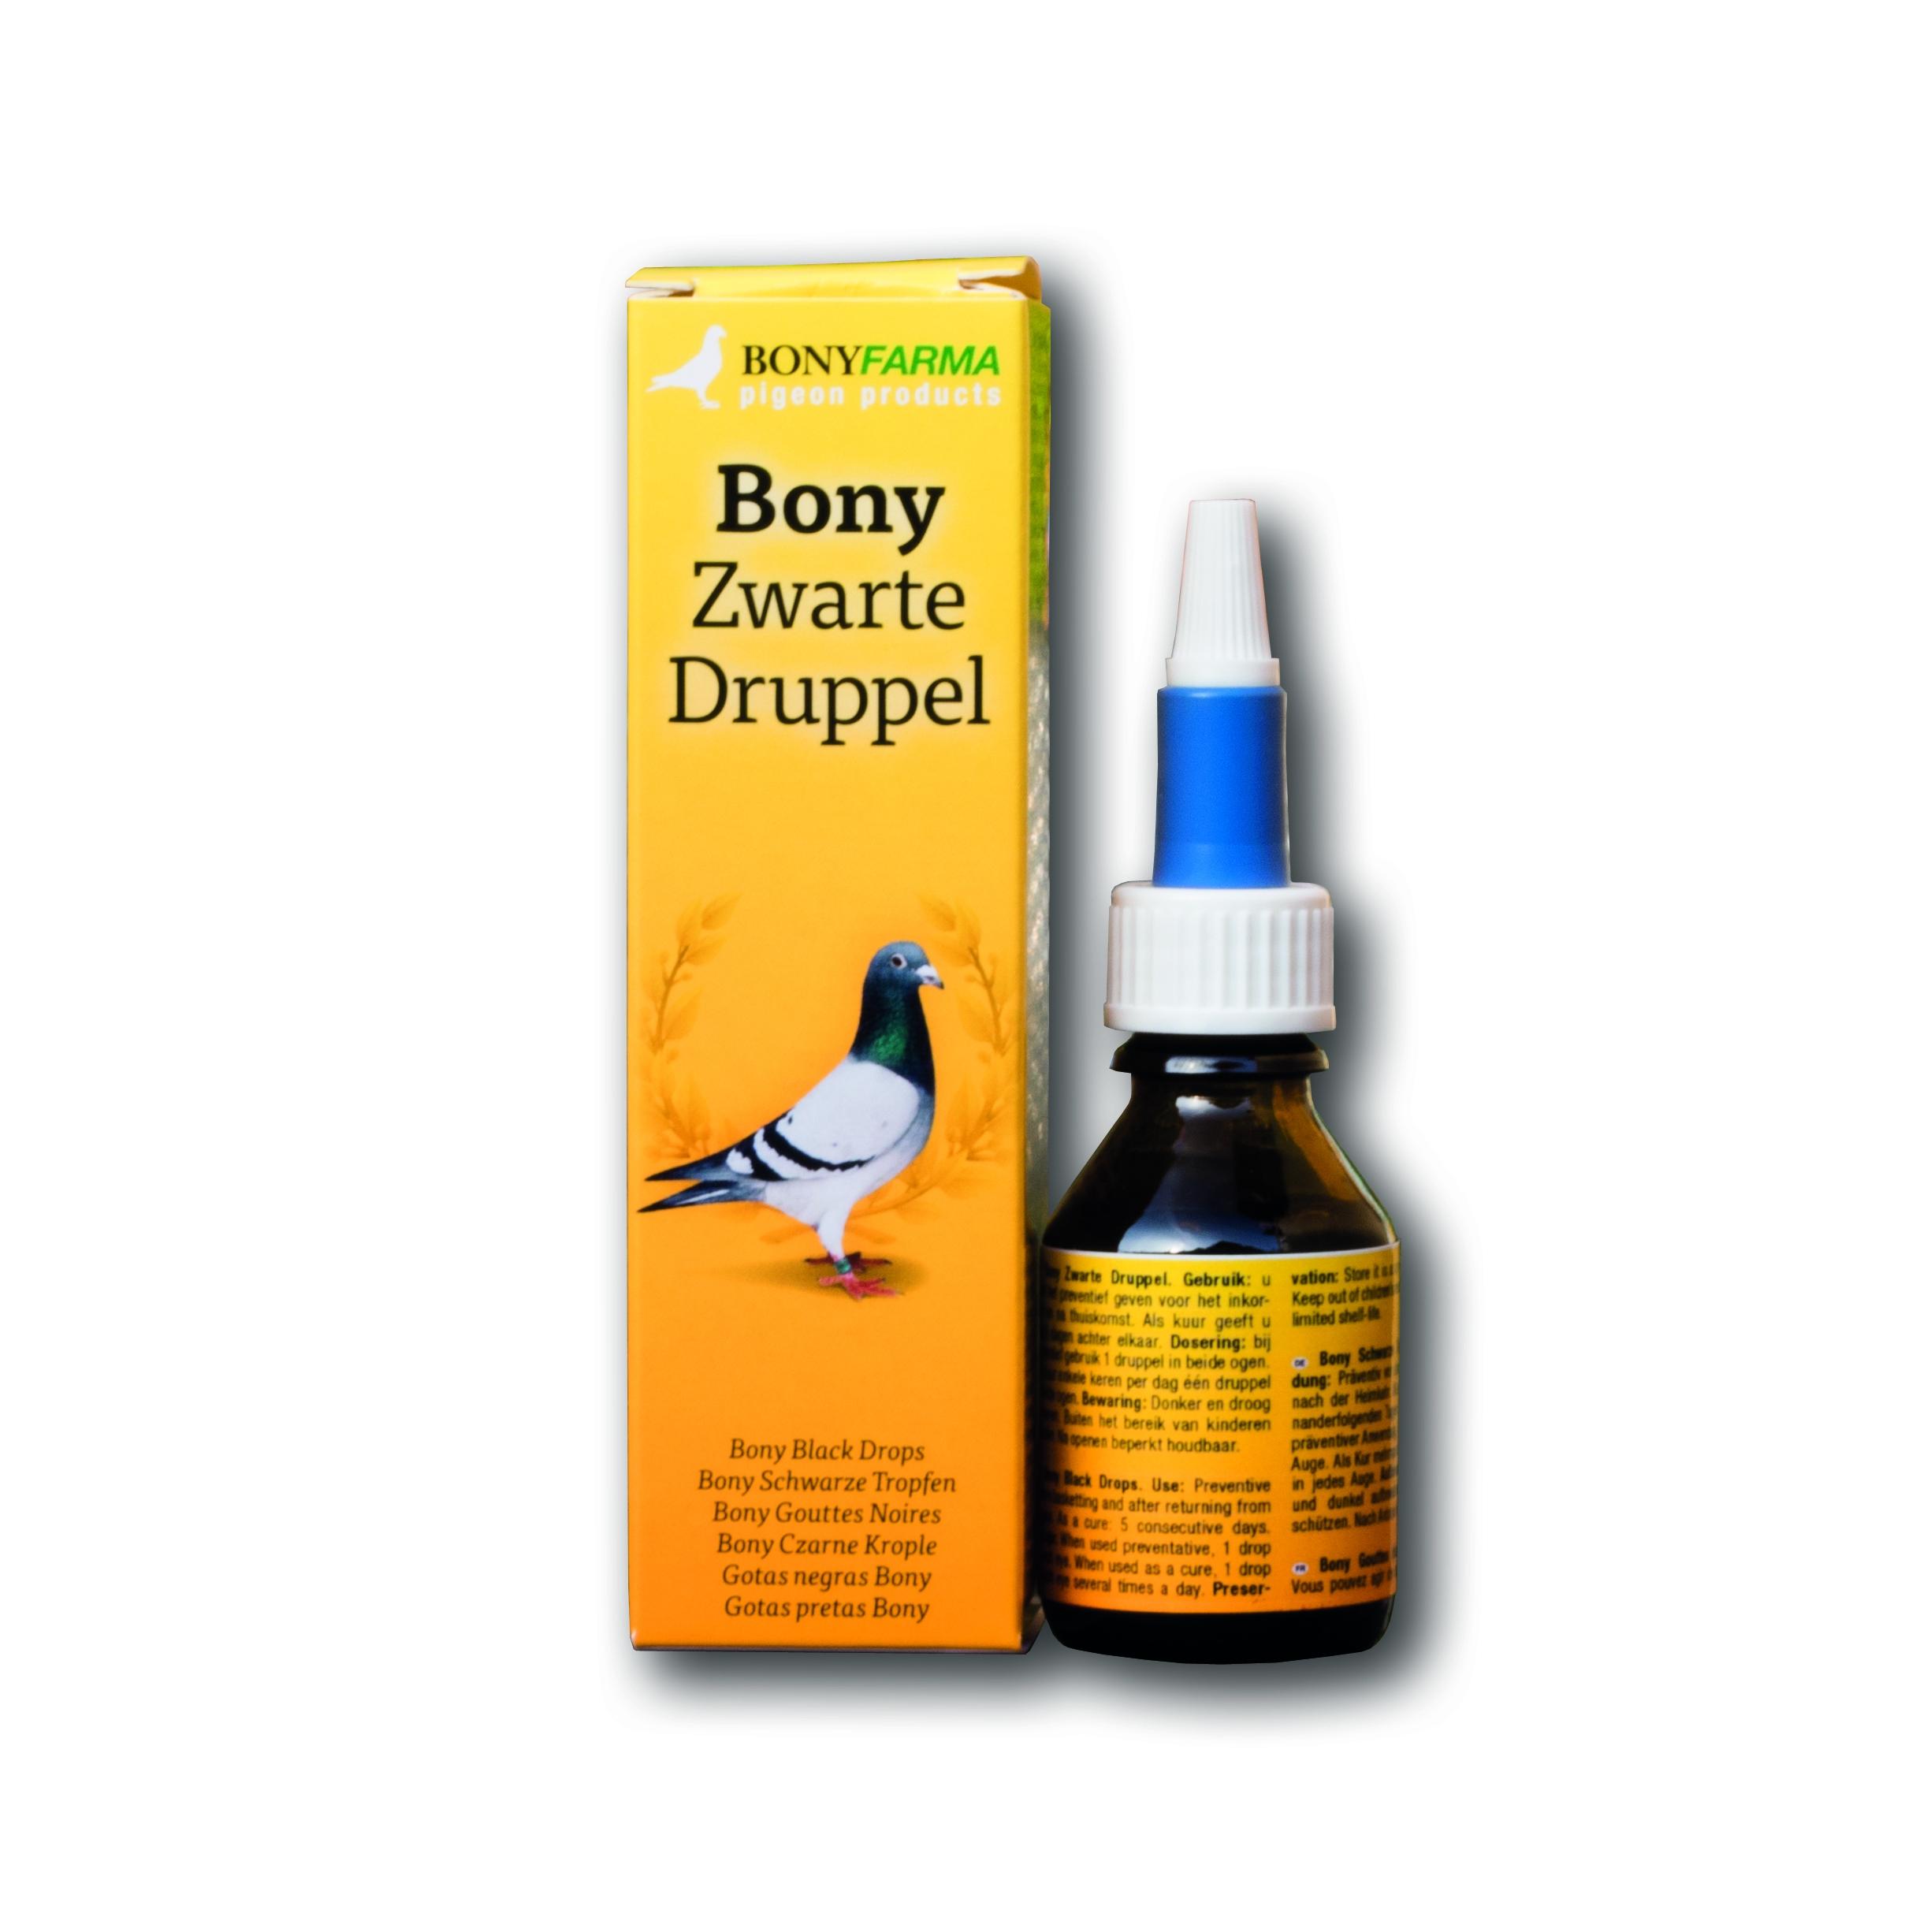 Bony Zwartedruppel (20 ml.)